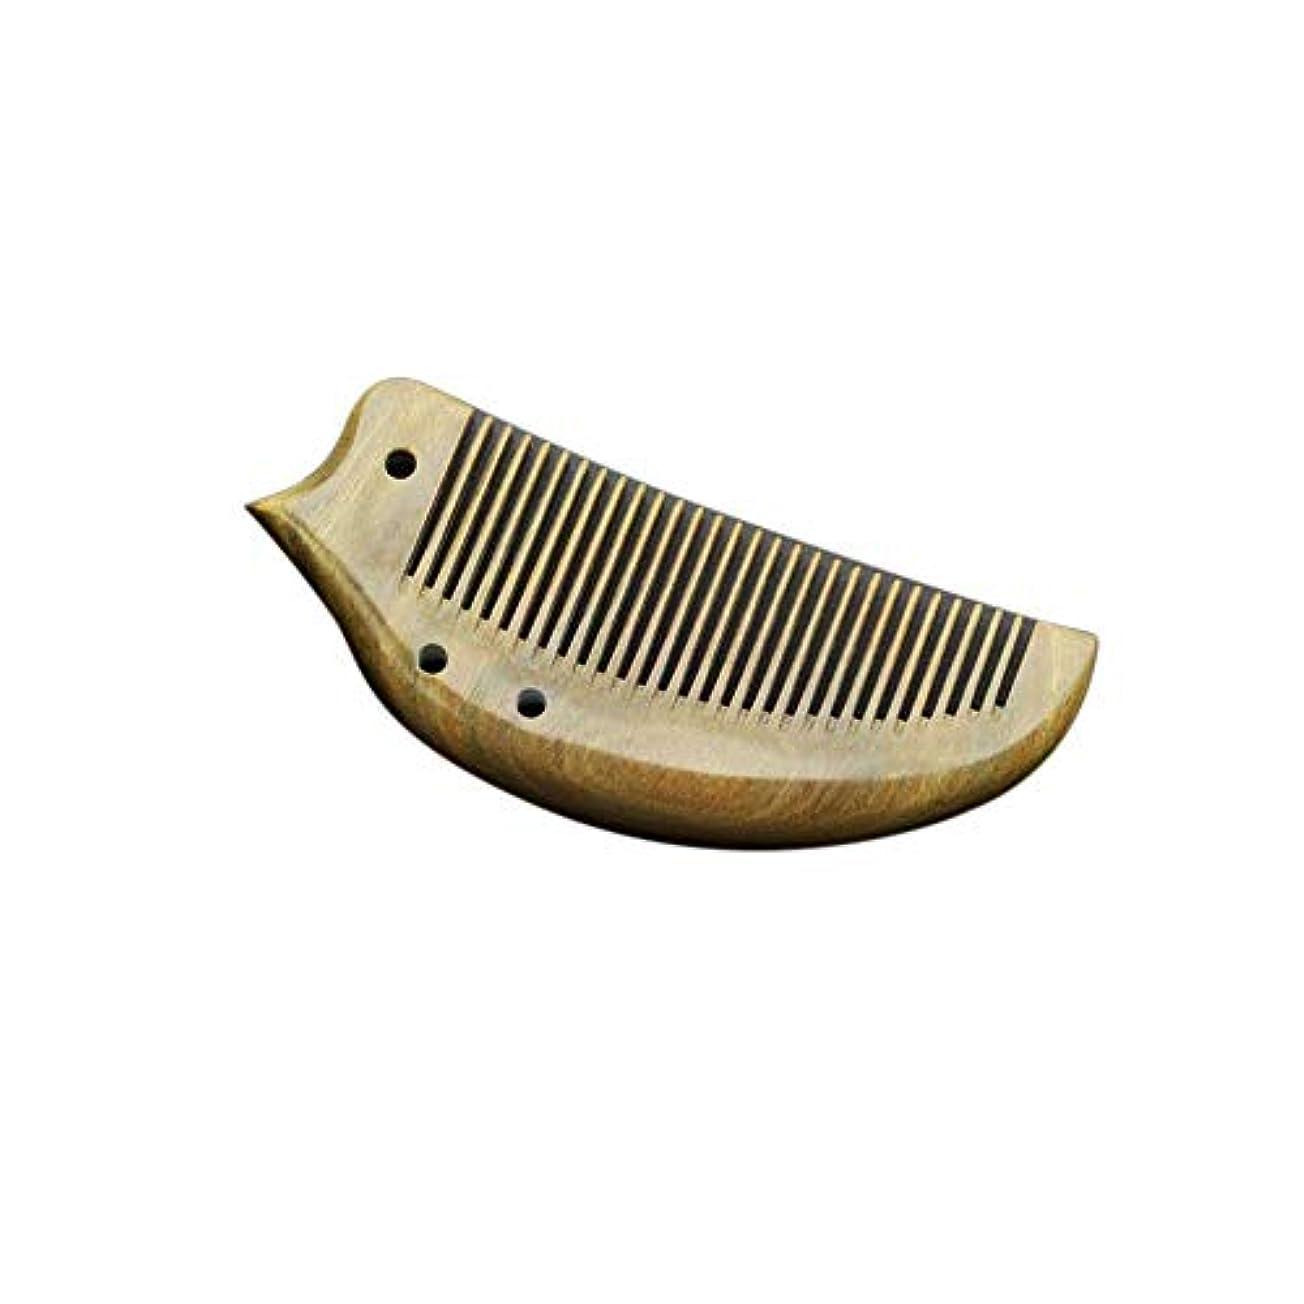 トライアスロン船形ナチュラルWASAIO 手作りの木製くしマッサージエアバッグクラスプ付け合わせリップルコンバードッファは本能的サンダルウッドドレッシング (色 : オレンジ)